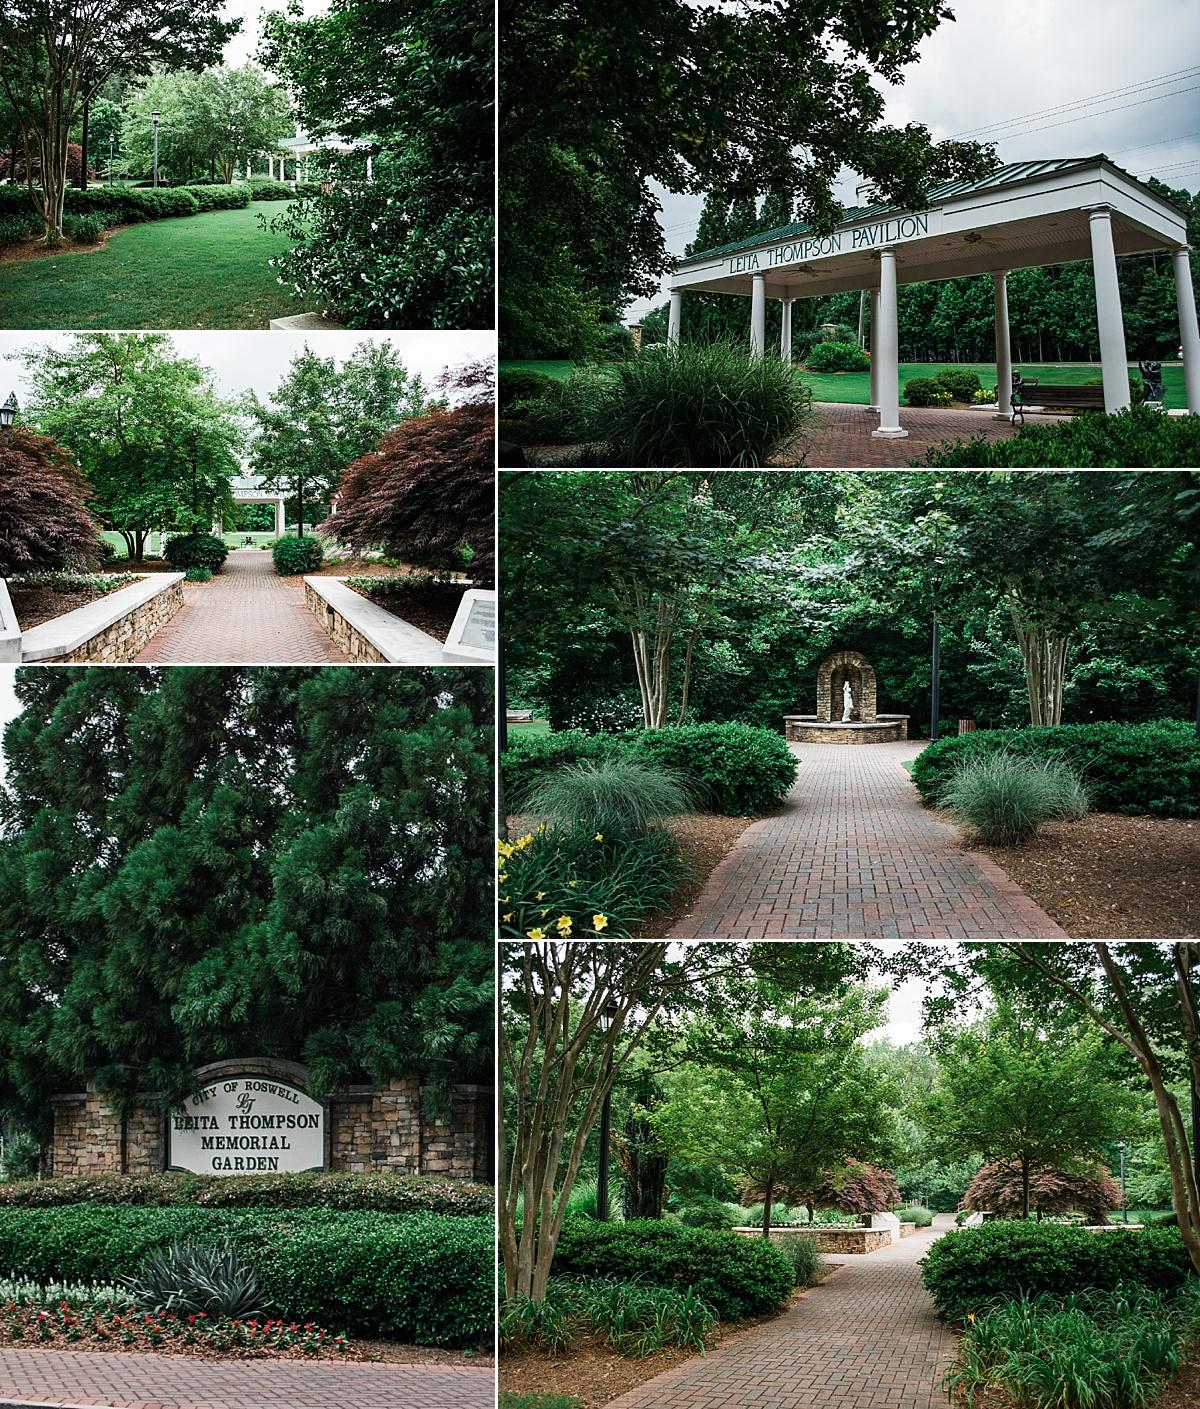 leita thompson memorial garden